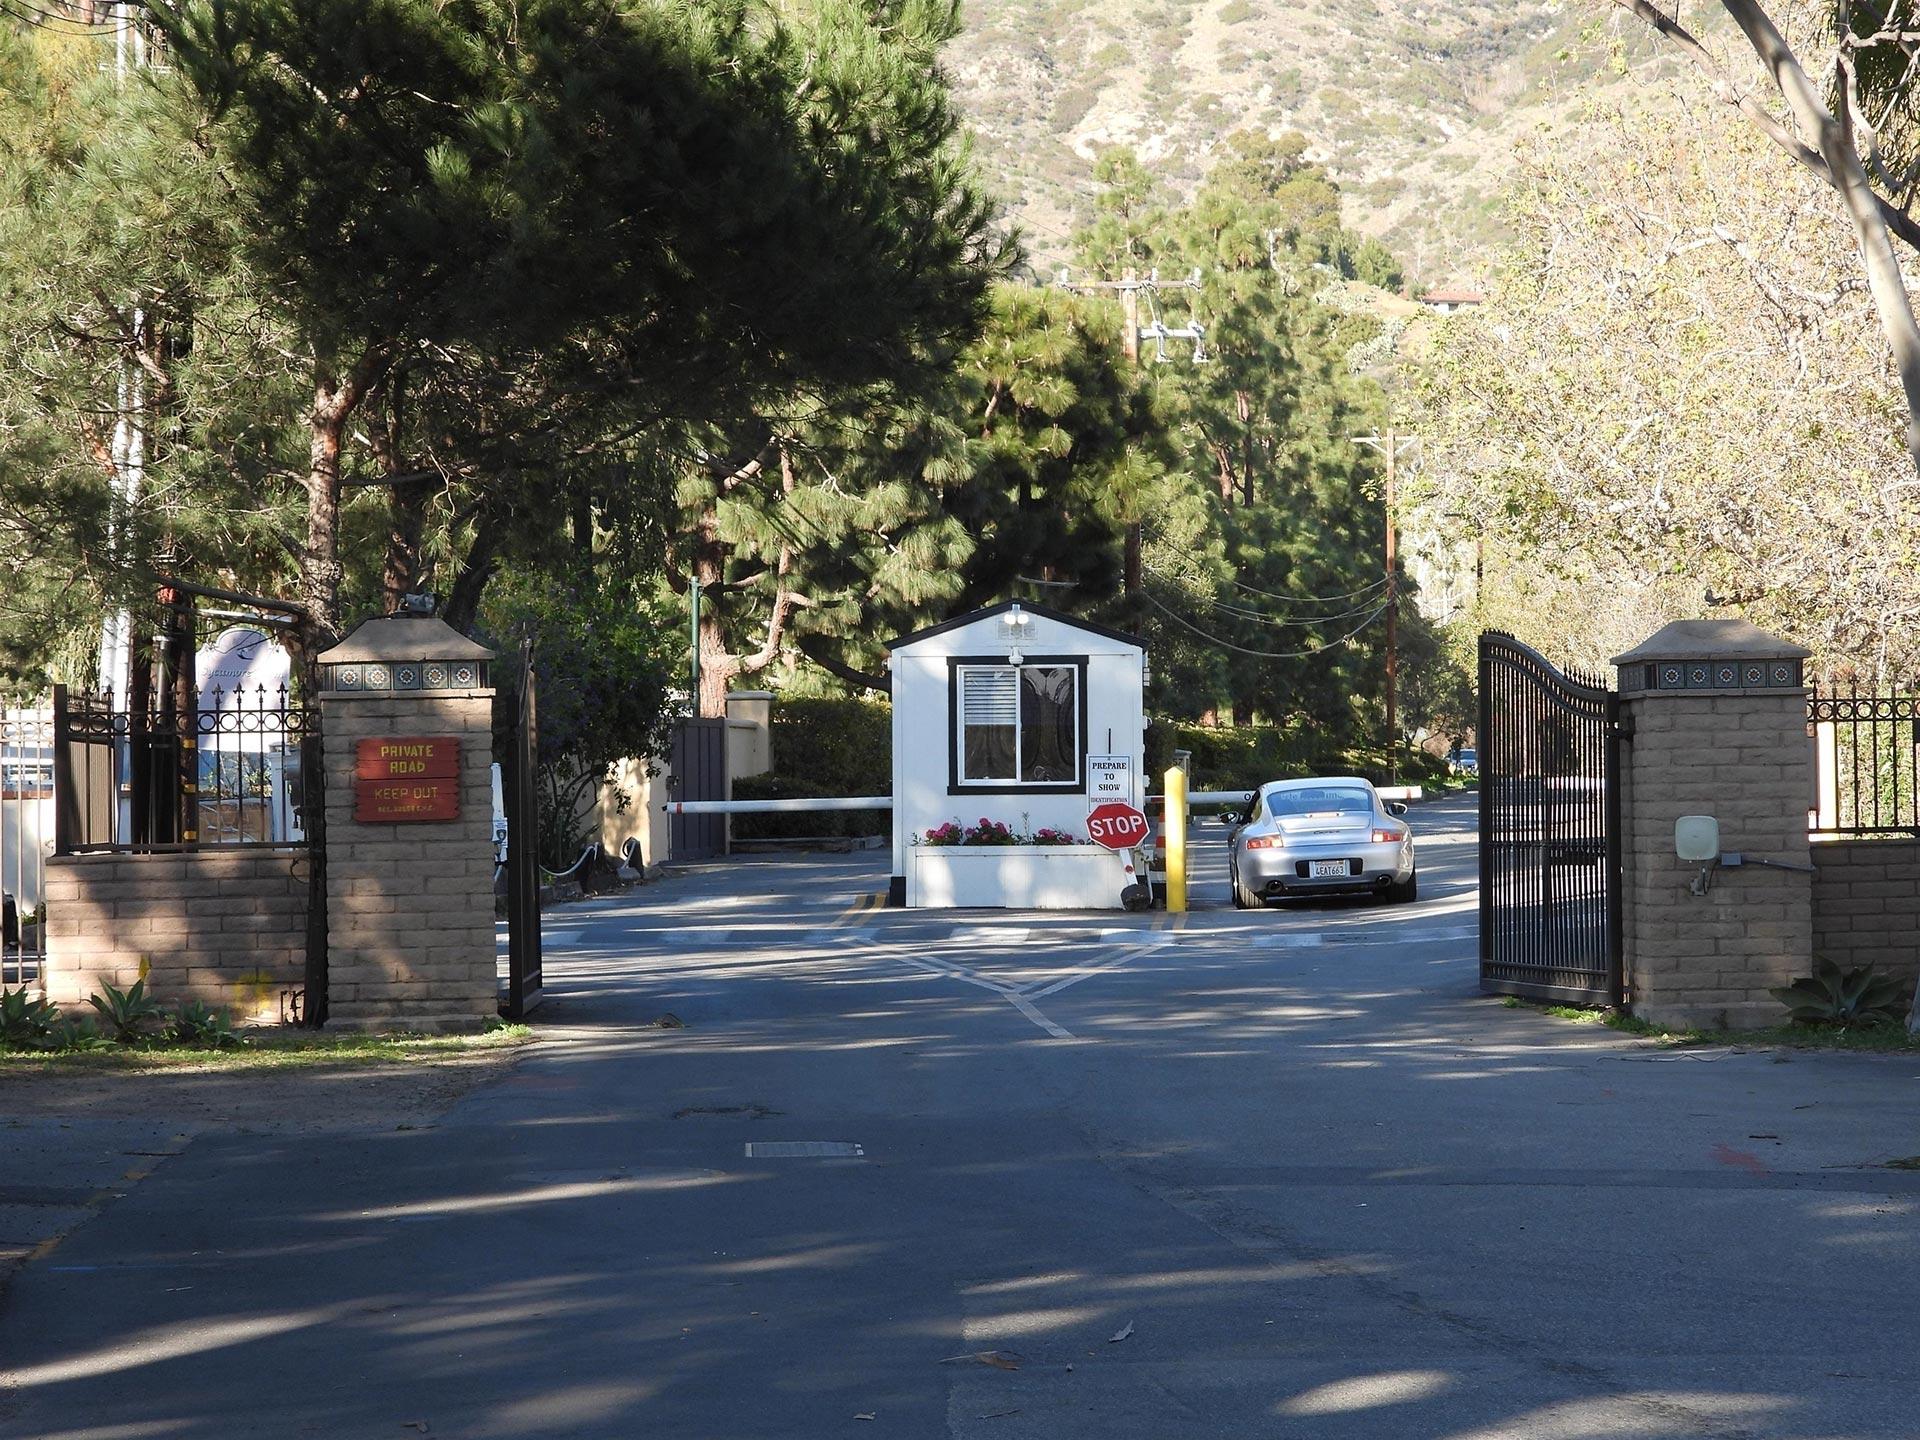 La mansión está aislada en un barrio privado residencial y cuenta con extensos terrenos (Grosby)